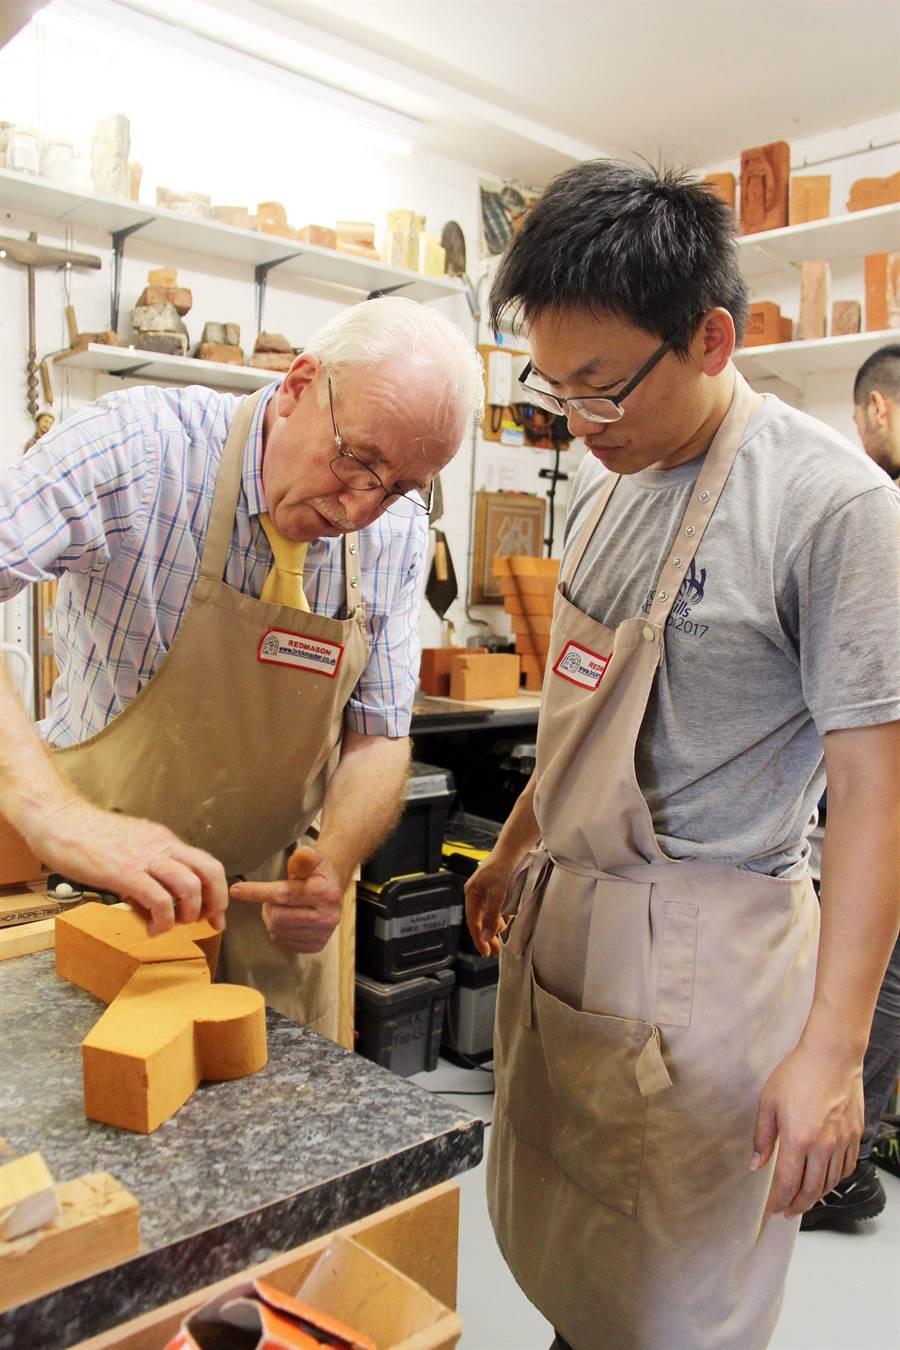 國際技能競賽砌磚職類優勝,台科大營建系周承誼,向英國砌磚專家Dr. Lynch學習英國傳統的砌磚工法及磚雕藝術。(台科大提供)